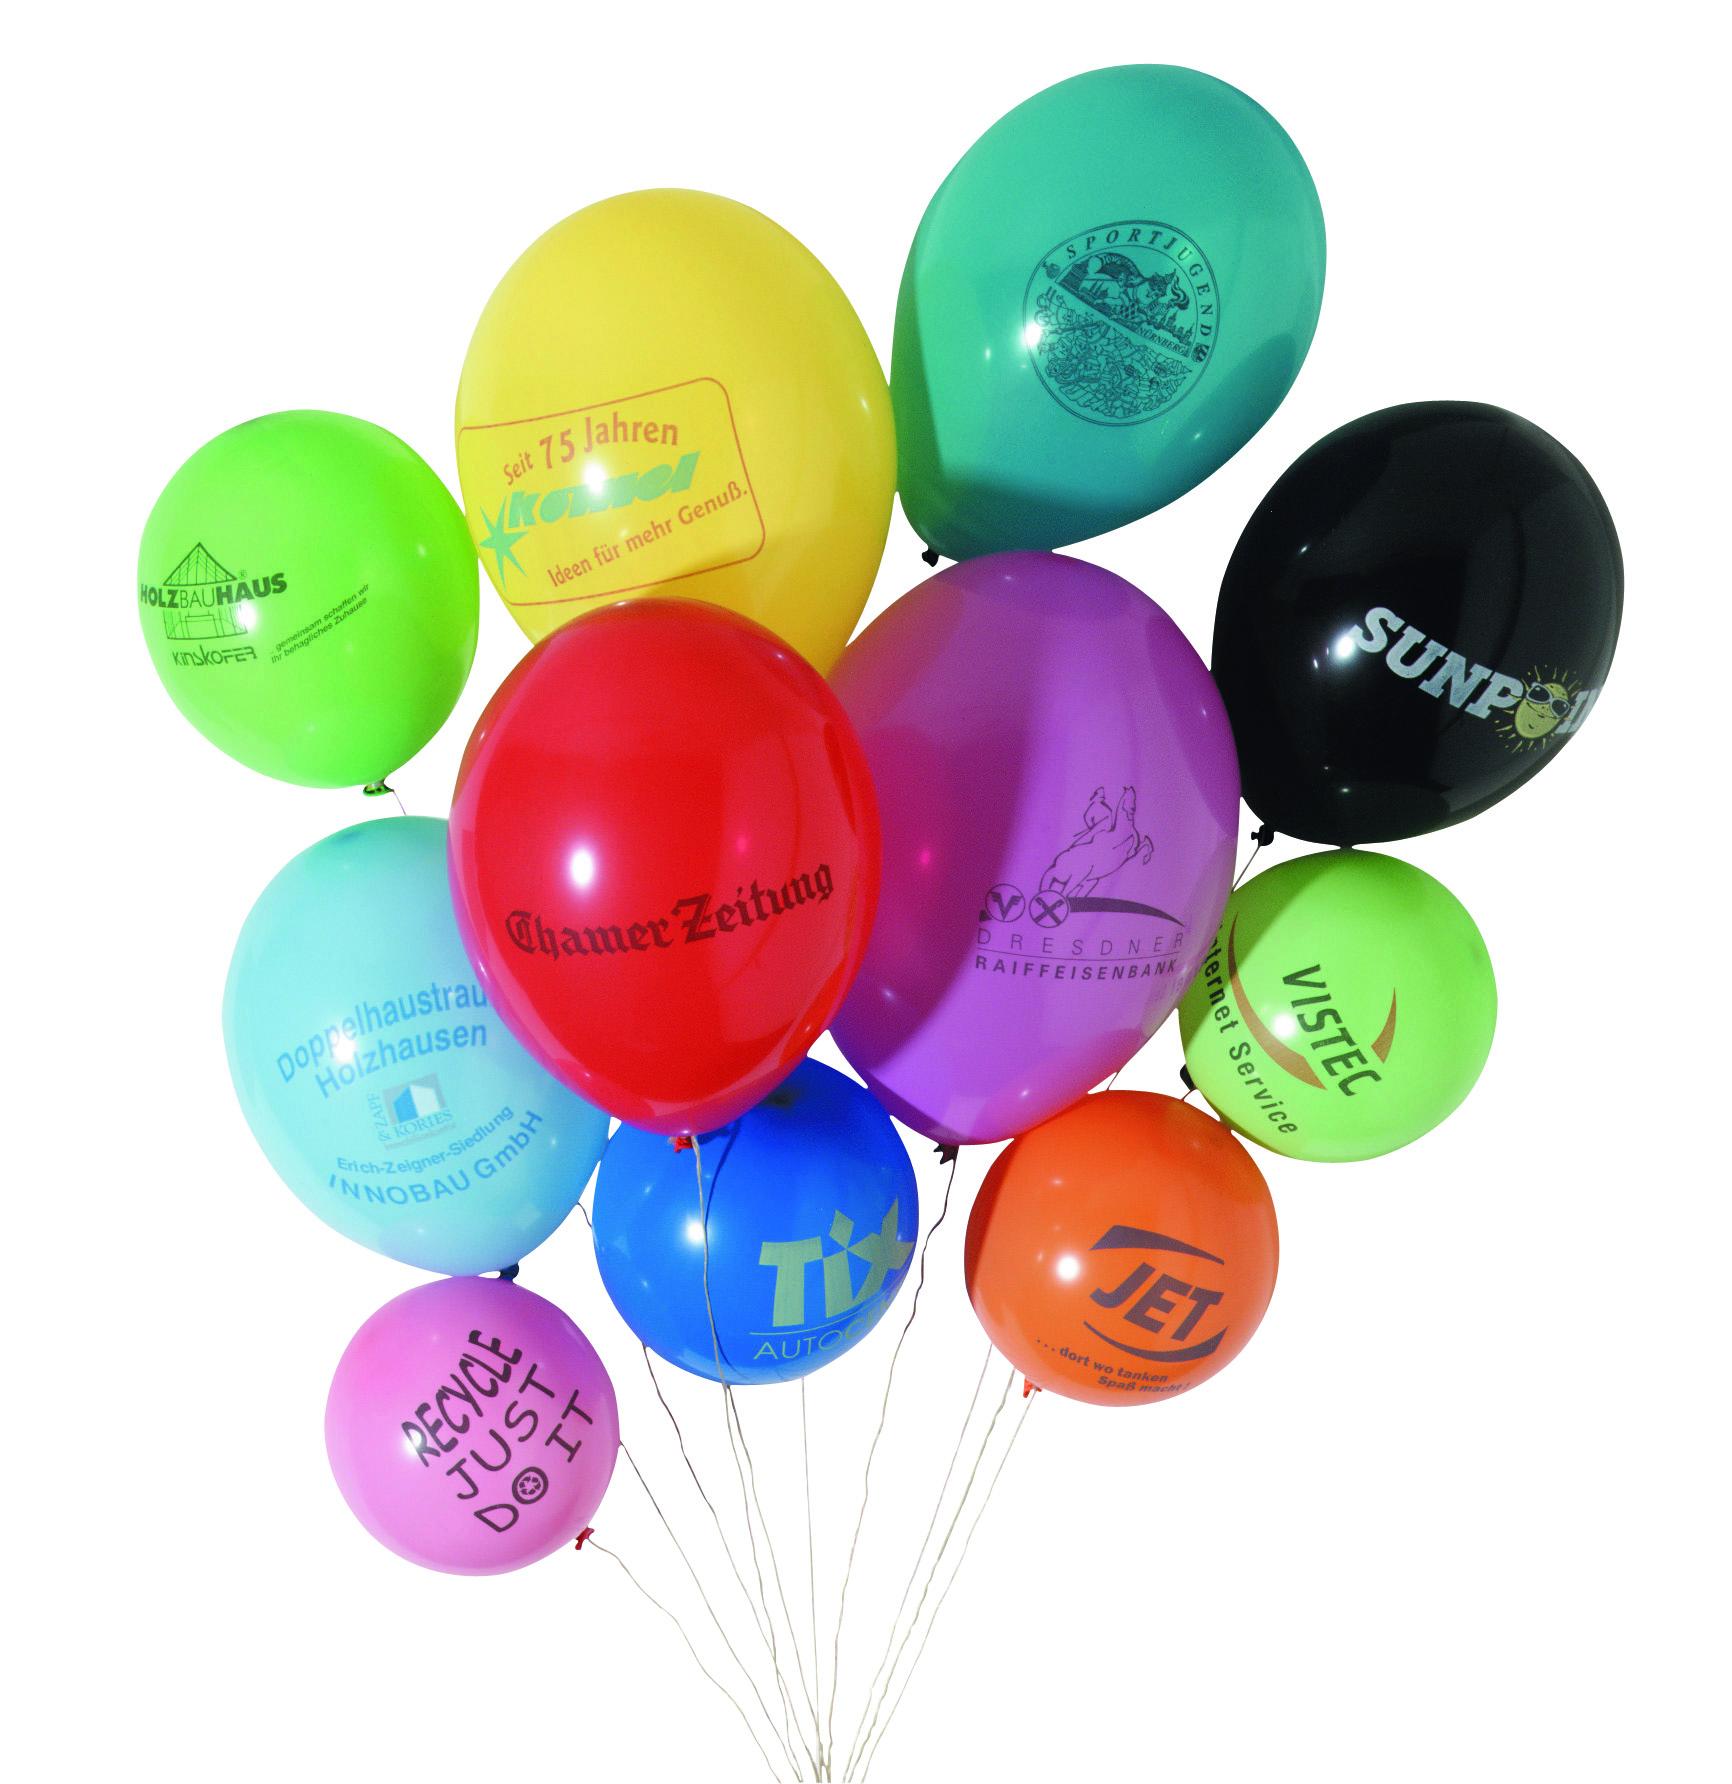 kws k ttler gmbh werbemittel luftballons mit 1 seitigem siebdruck online kaufen. Black Bedroom Furniture Sets. Home Design Ideas